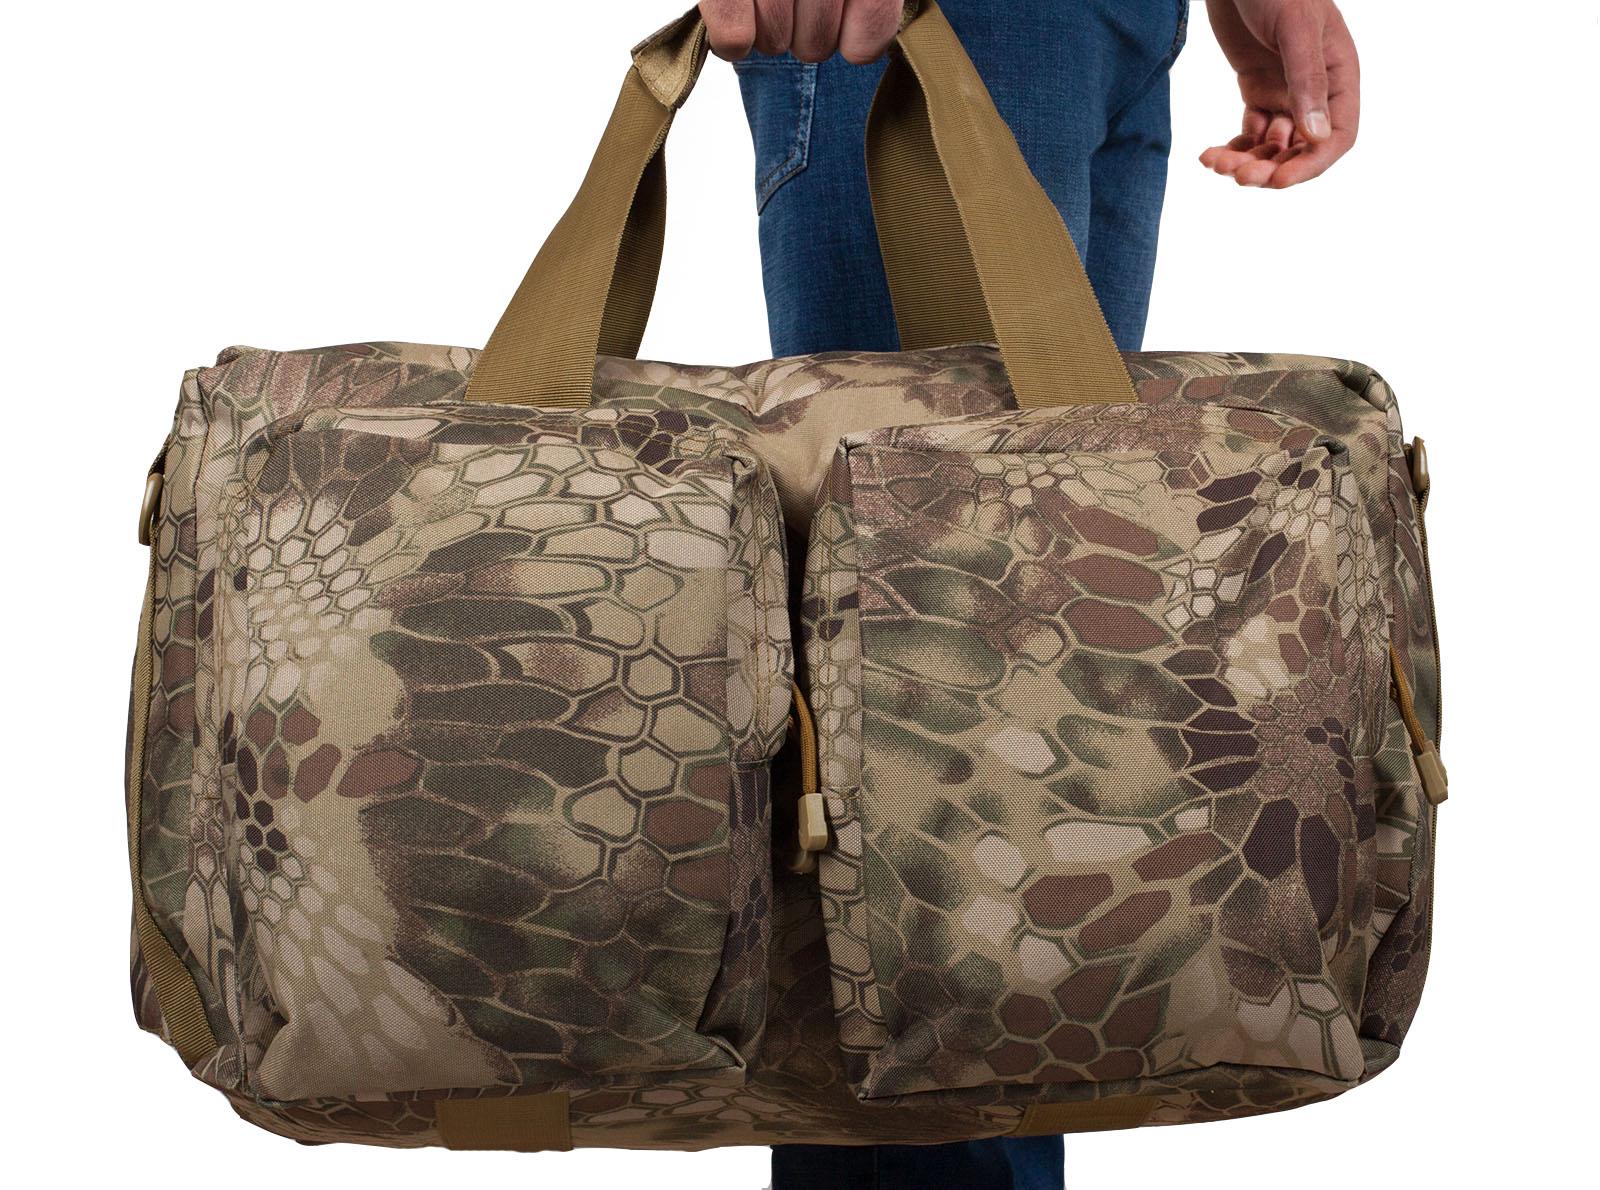 Камуфляжная сумка для походов Русская Охота - купить оптом